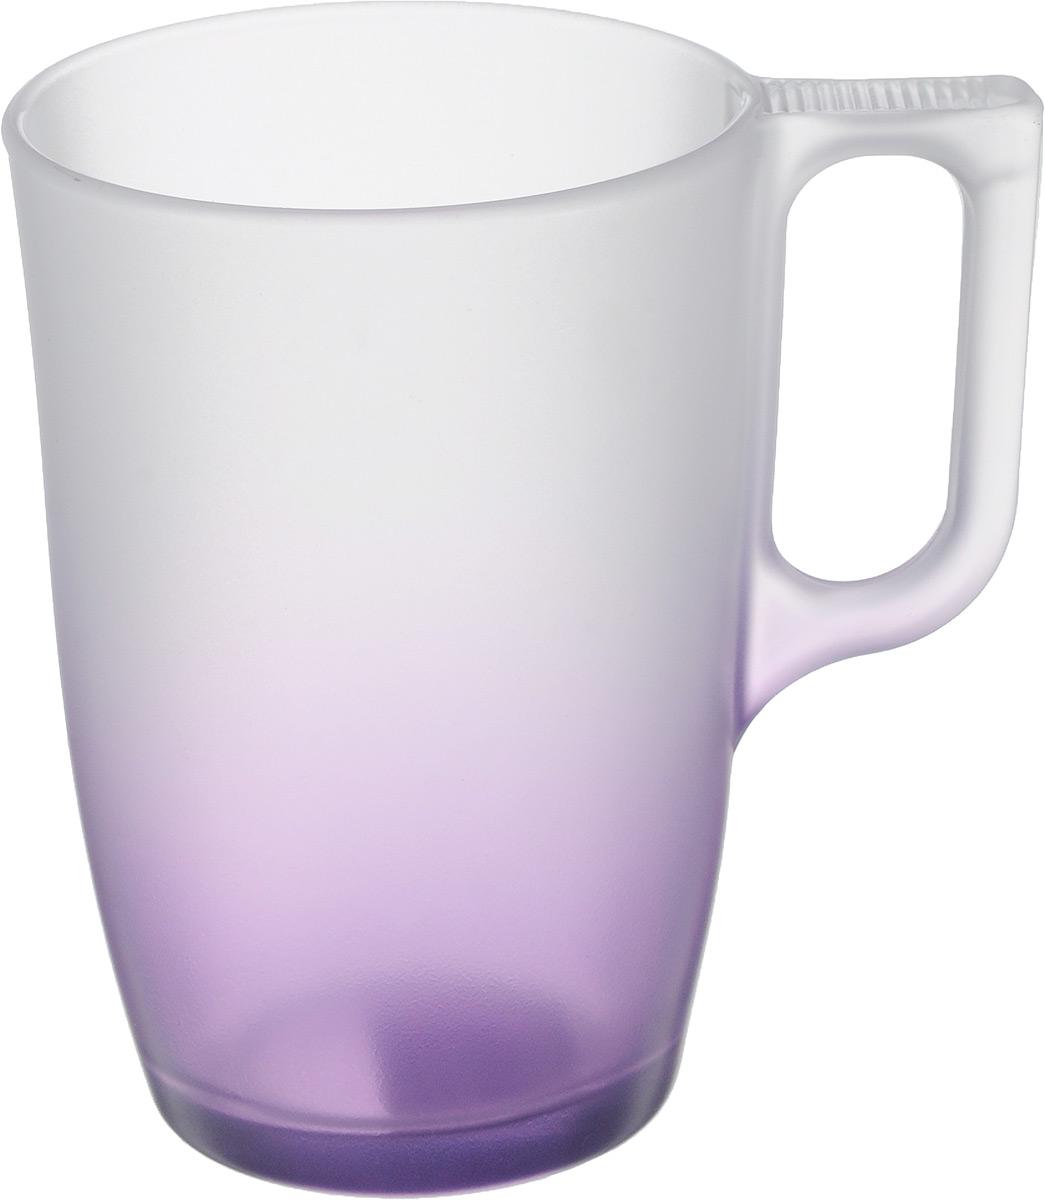 Кружка Luminarc Maritsa, цвет: прозрачный, фиолетовый, 320 мл115510Кружка Luminarc Maritsa изготовлена из упрочненного стекла. Такая кружка прекрасно подойдет для горячих и холодных напитков. Она дополнит коллекцию вашей кухонной посуды и будет служить долгие годы. Можно использовать в микроволновой печи и мыть в посудомоечной машине.Диаметр кружки (по верхнему краю): 7,7 см. Высота кружки: 11,2 см.